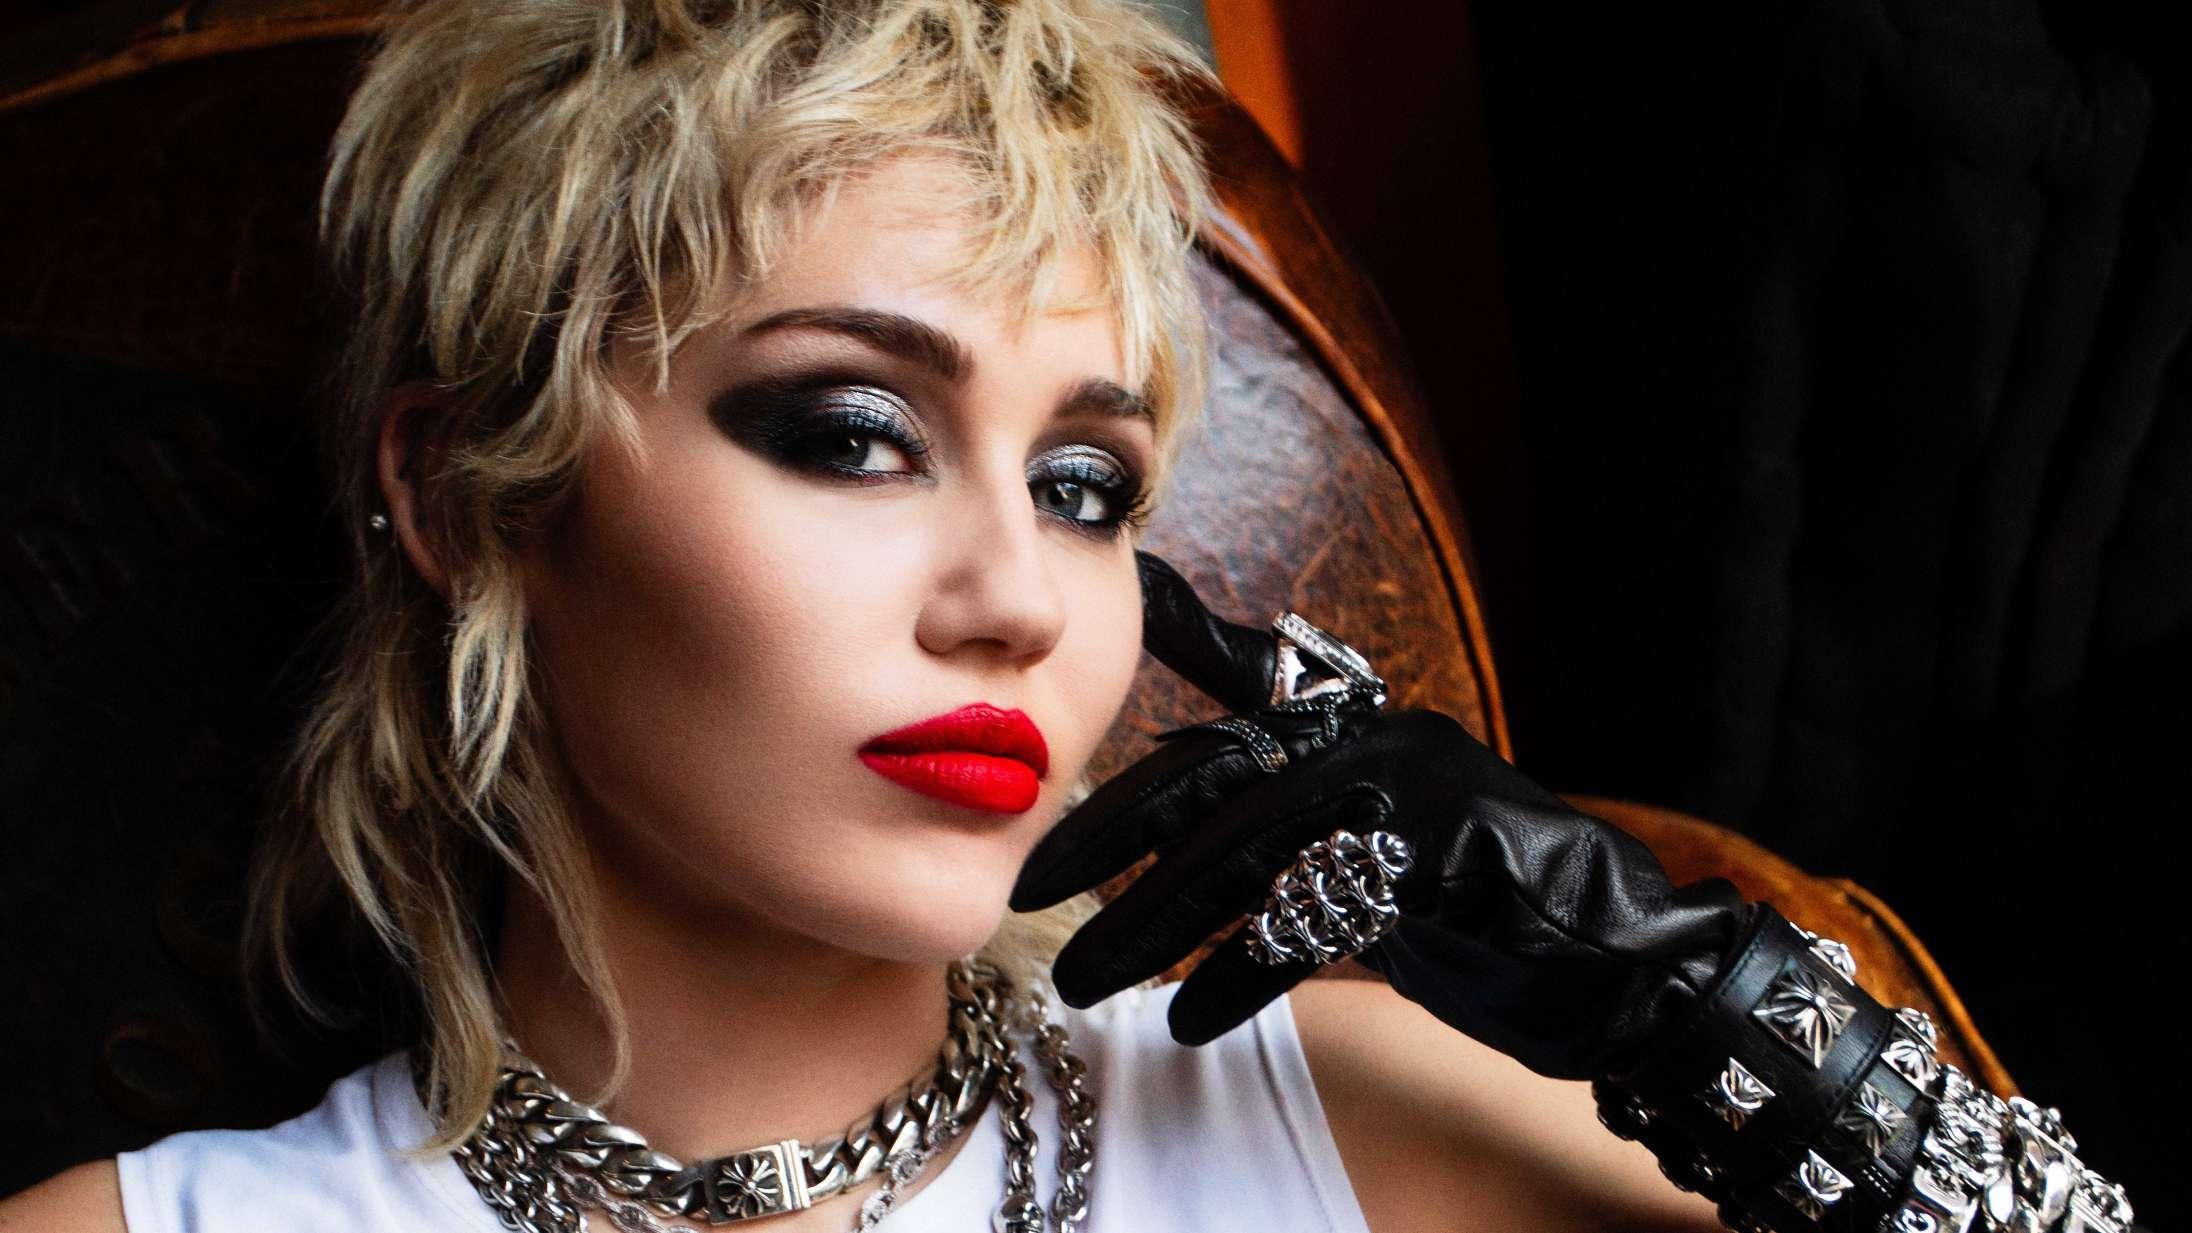 På 'Plastic Hearts' er det endelig lykkedes Miley Cyrus at skrive sange, der forløser hendes potentiale